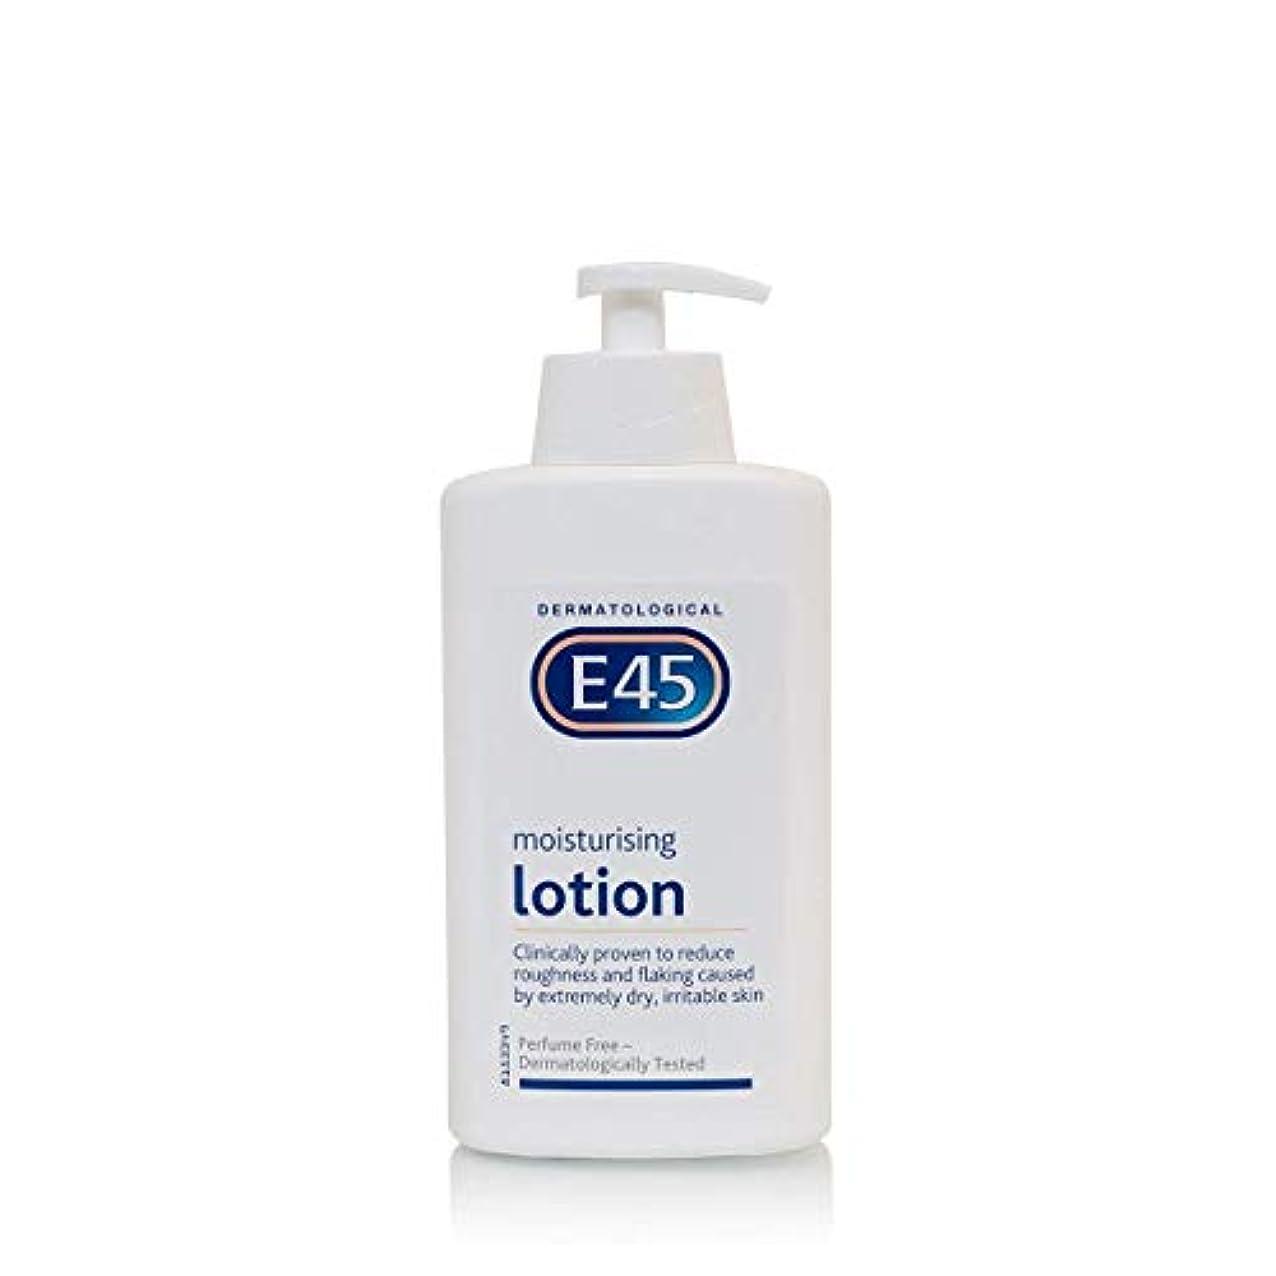 ファイナンスいつでも素晴らしきE45 Dermatological Moisturising Lotion (500ml) E45皮膚科保湿ローション( 500ミリリットル)